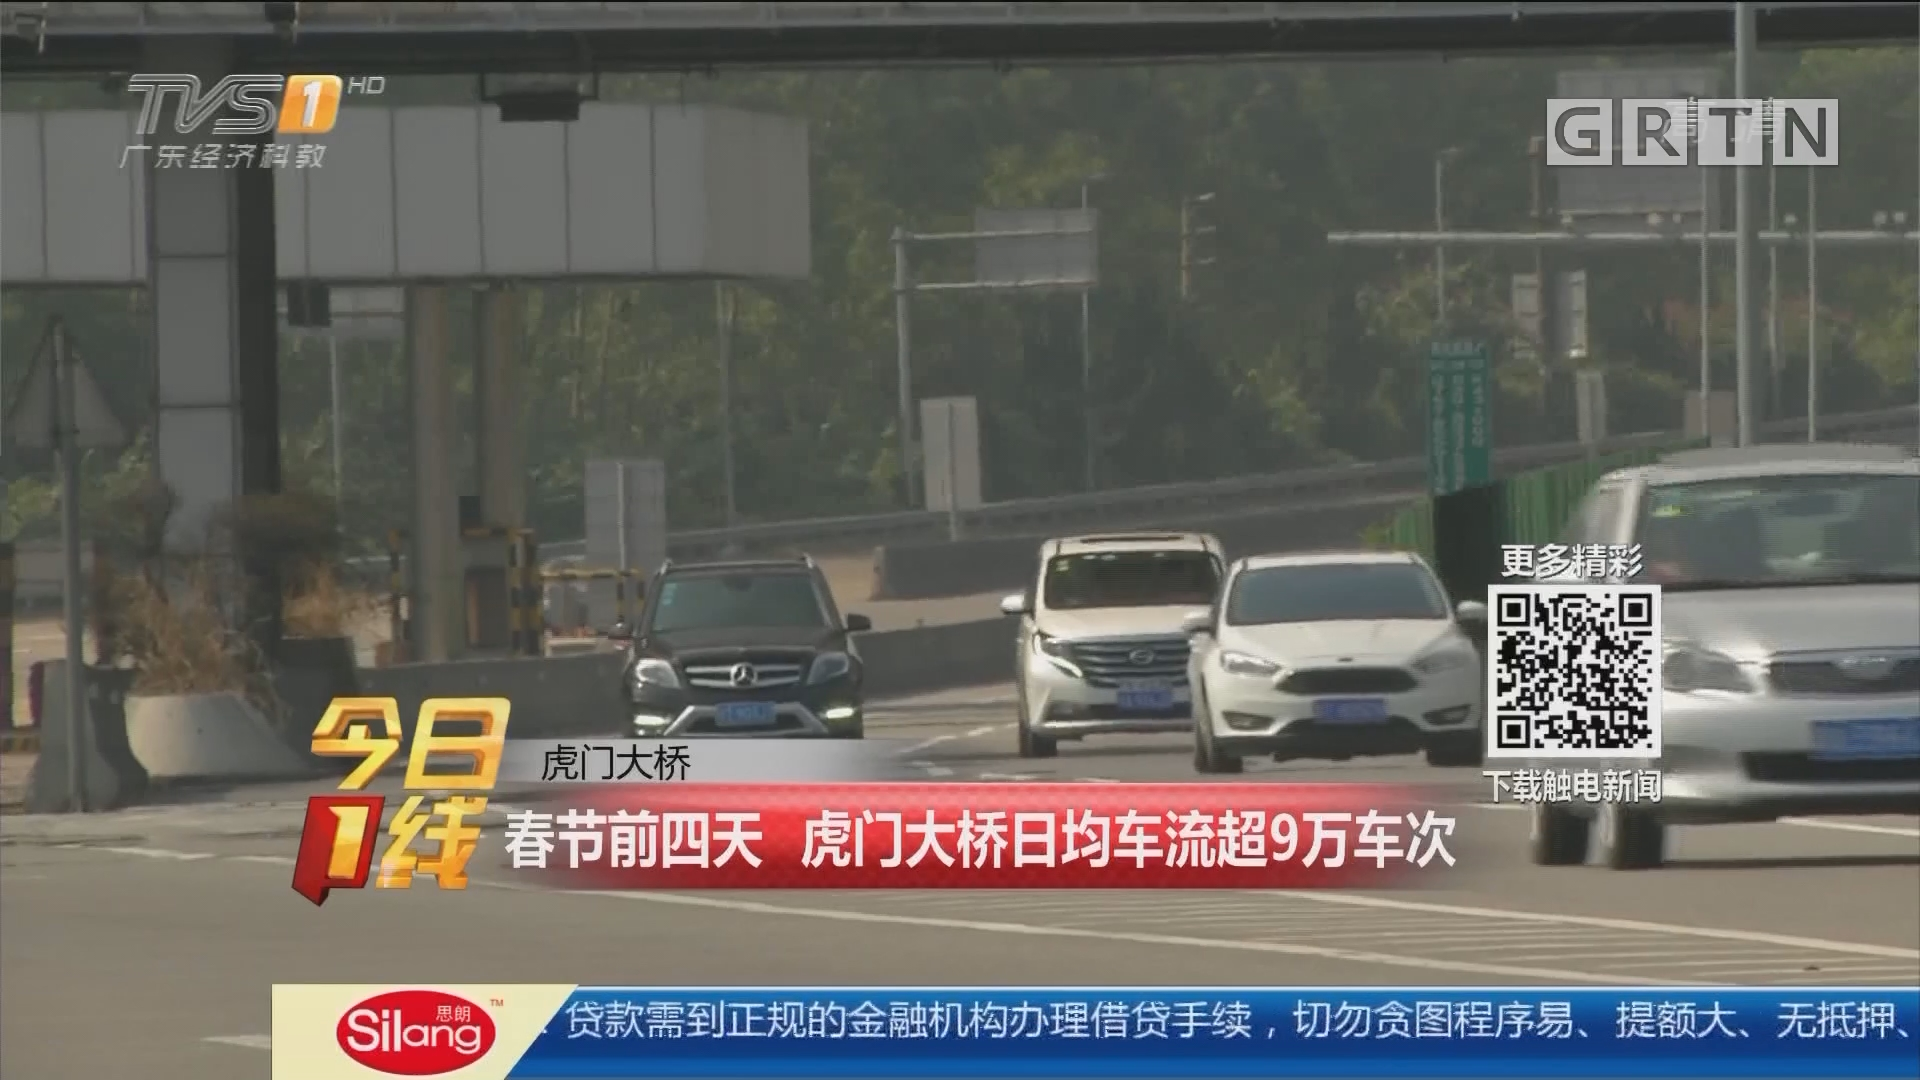 虎门大桥:春节前四天 虎门大桥日均车流超9万车次